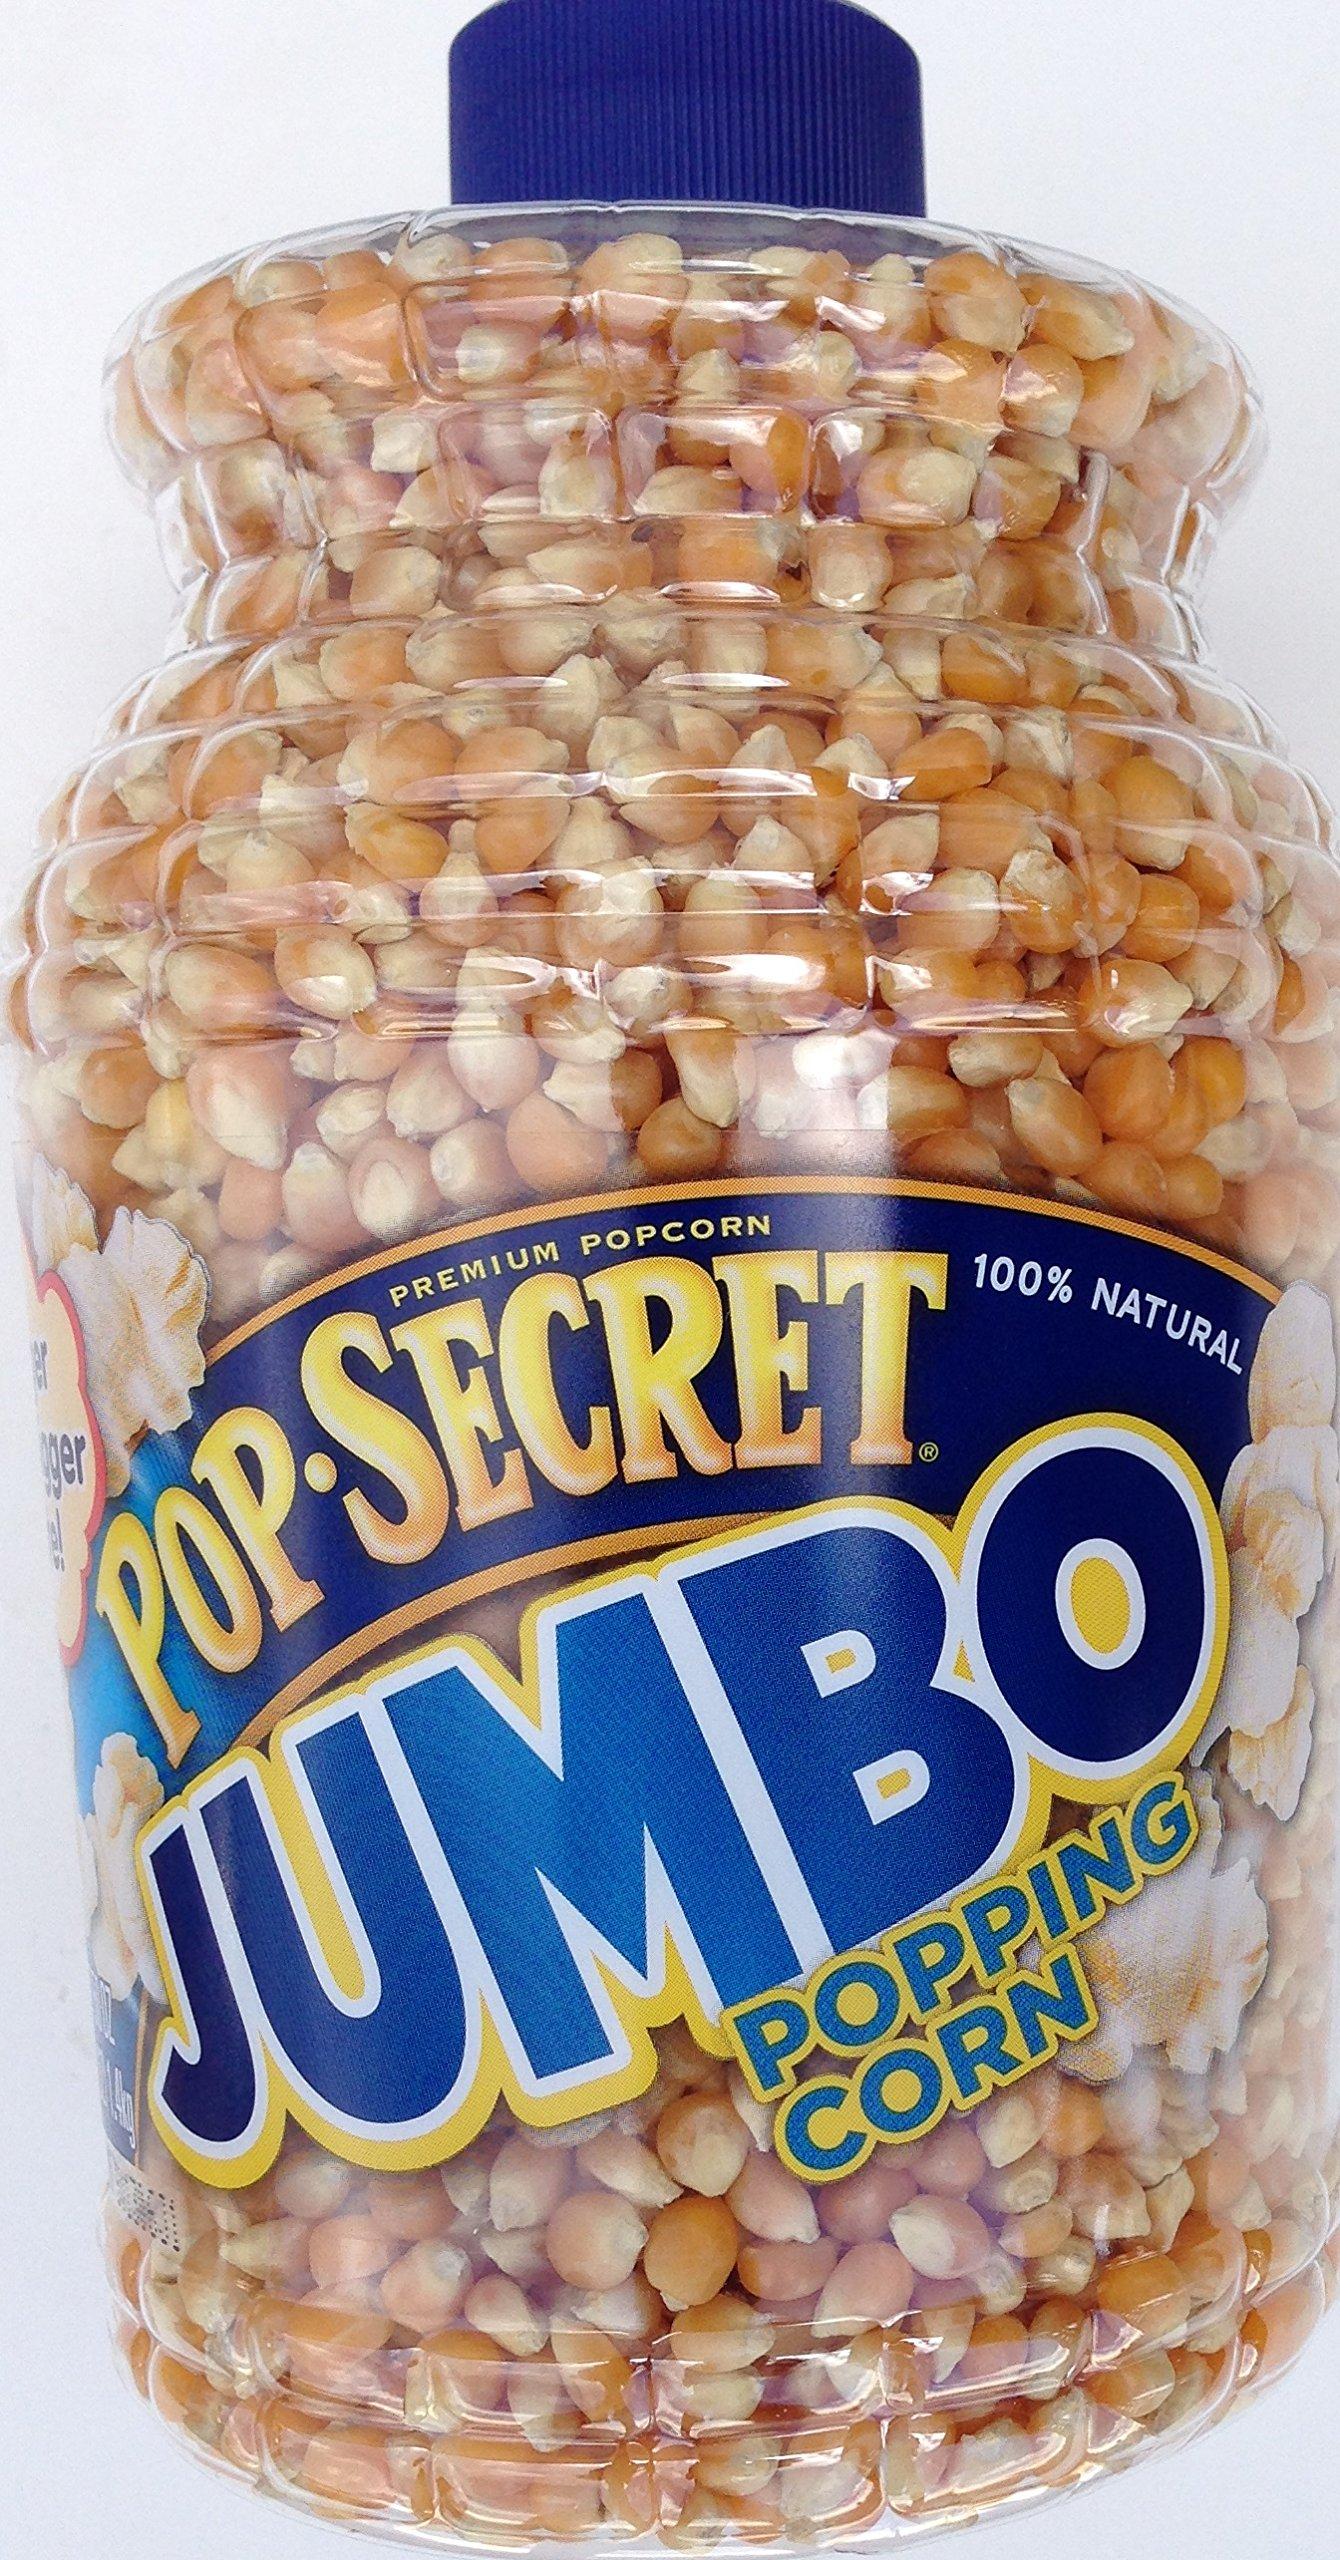 Pop Secret Jumbo Popping Corn 50 Oz Bottle